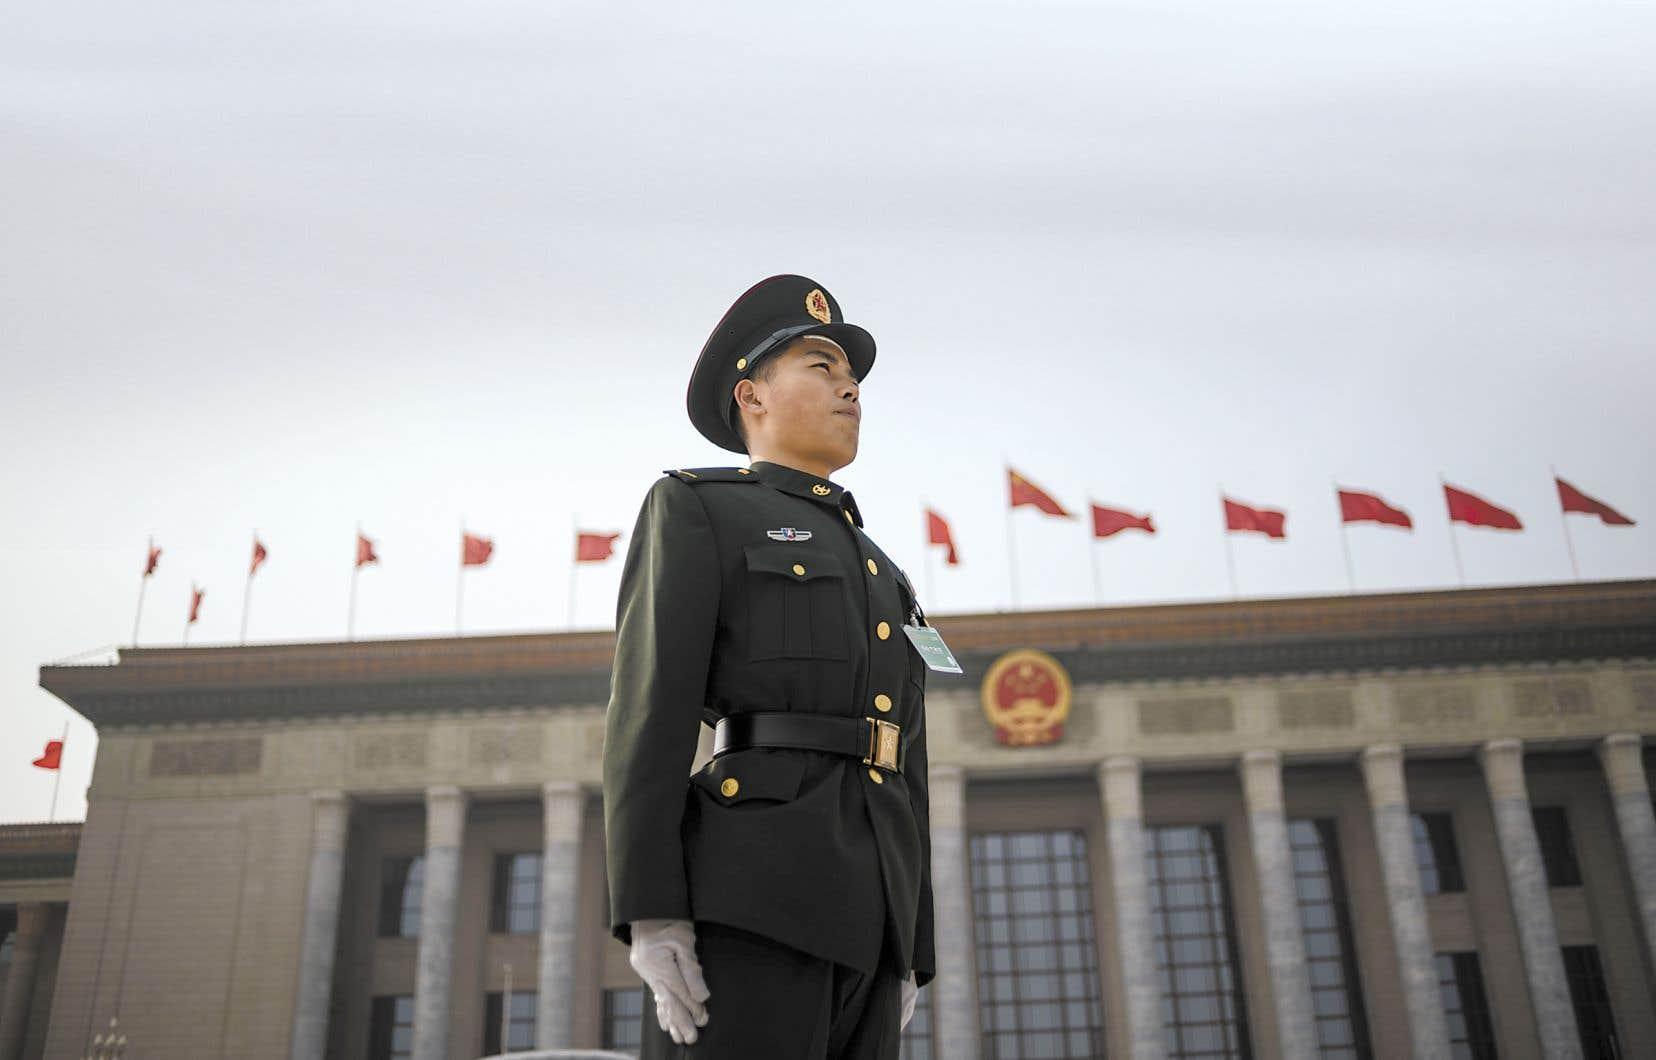 Avec un ordre du jour déjà bien garni et une lutte interne contre la corruption qui se poursuit, la Chine n'avait donc pas prévu, et encore moins souhaité, cet été d'affrontement avec les États-Unis et Hong Kong.